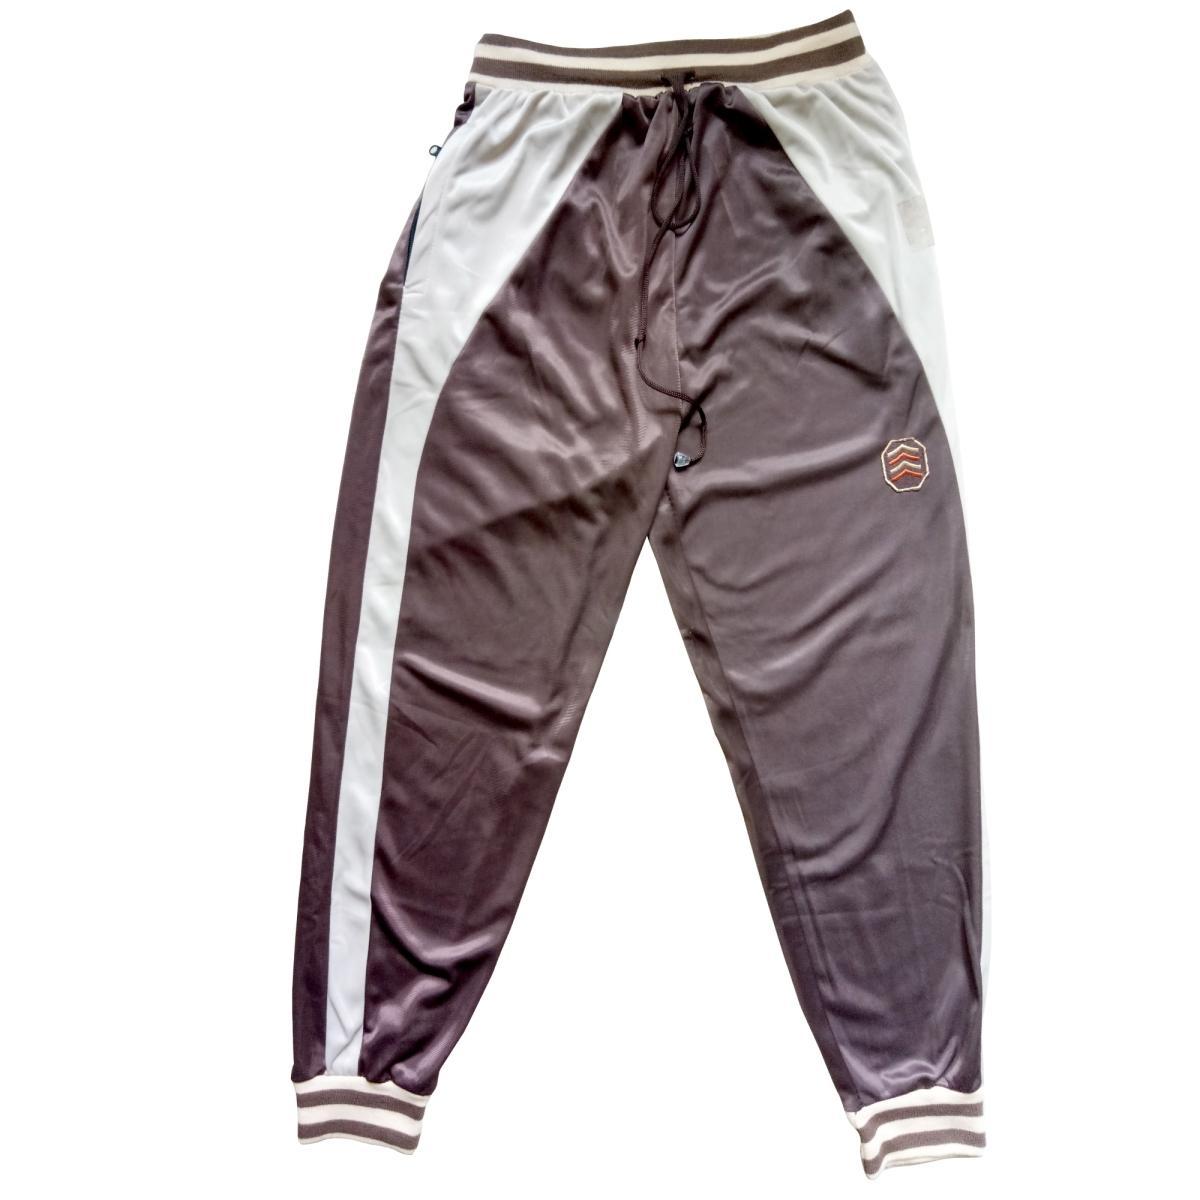 Sportswear At Best Prices In Sri Lanka Daraz Lk